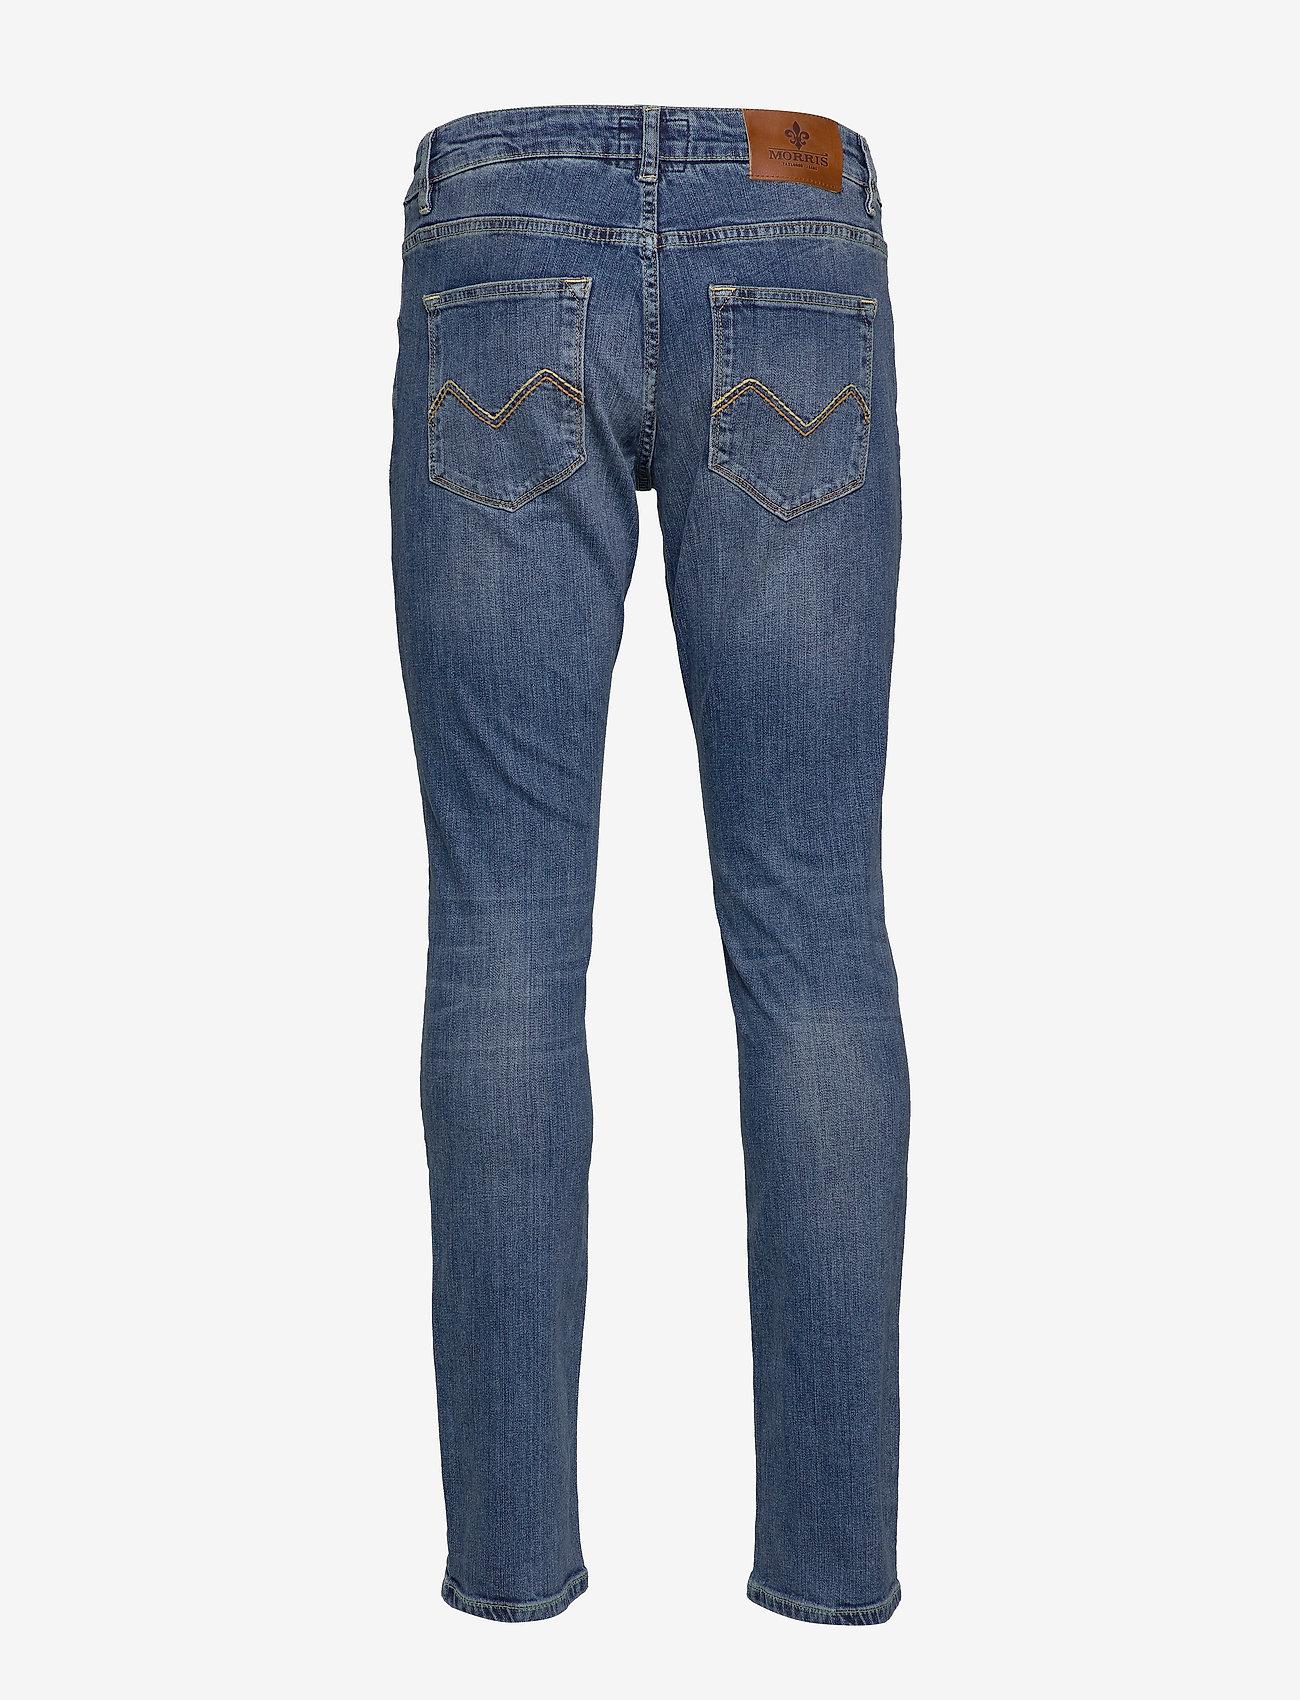 Morris Steve Jeans - Jeans SEMI DARK WASH - Menn Klær